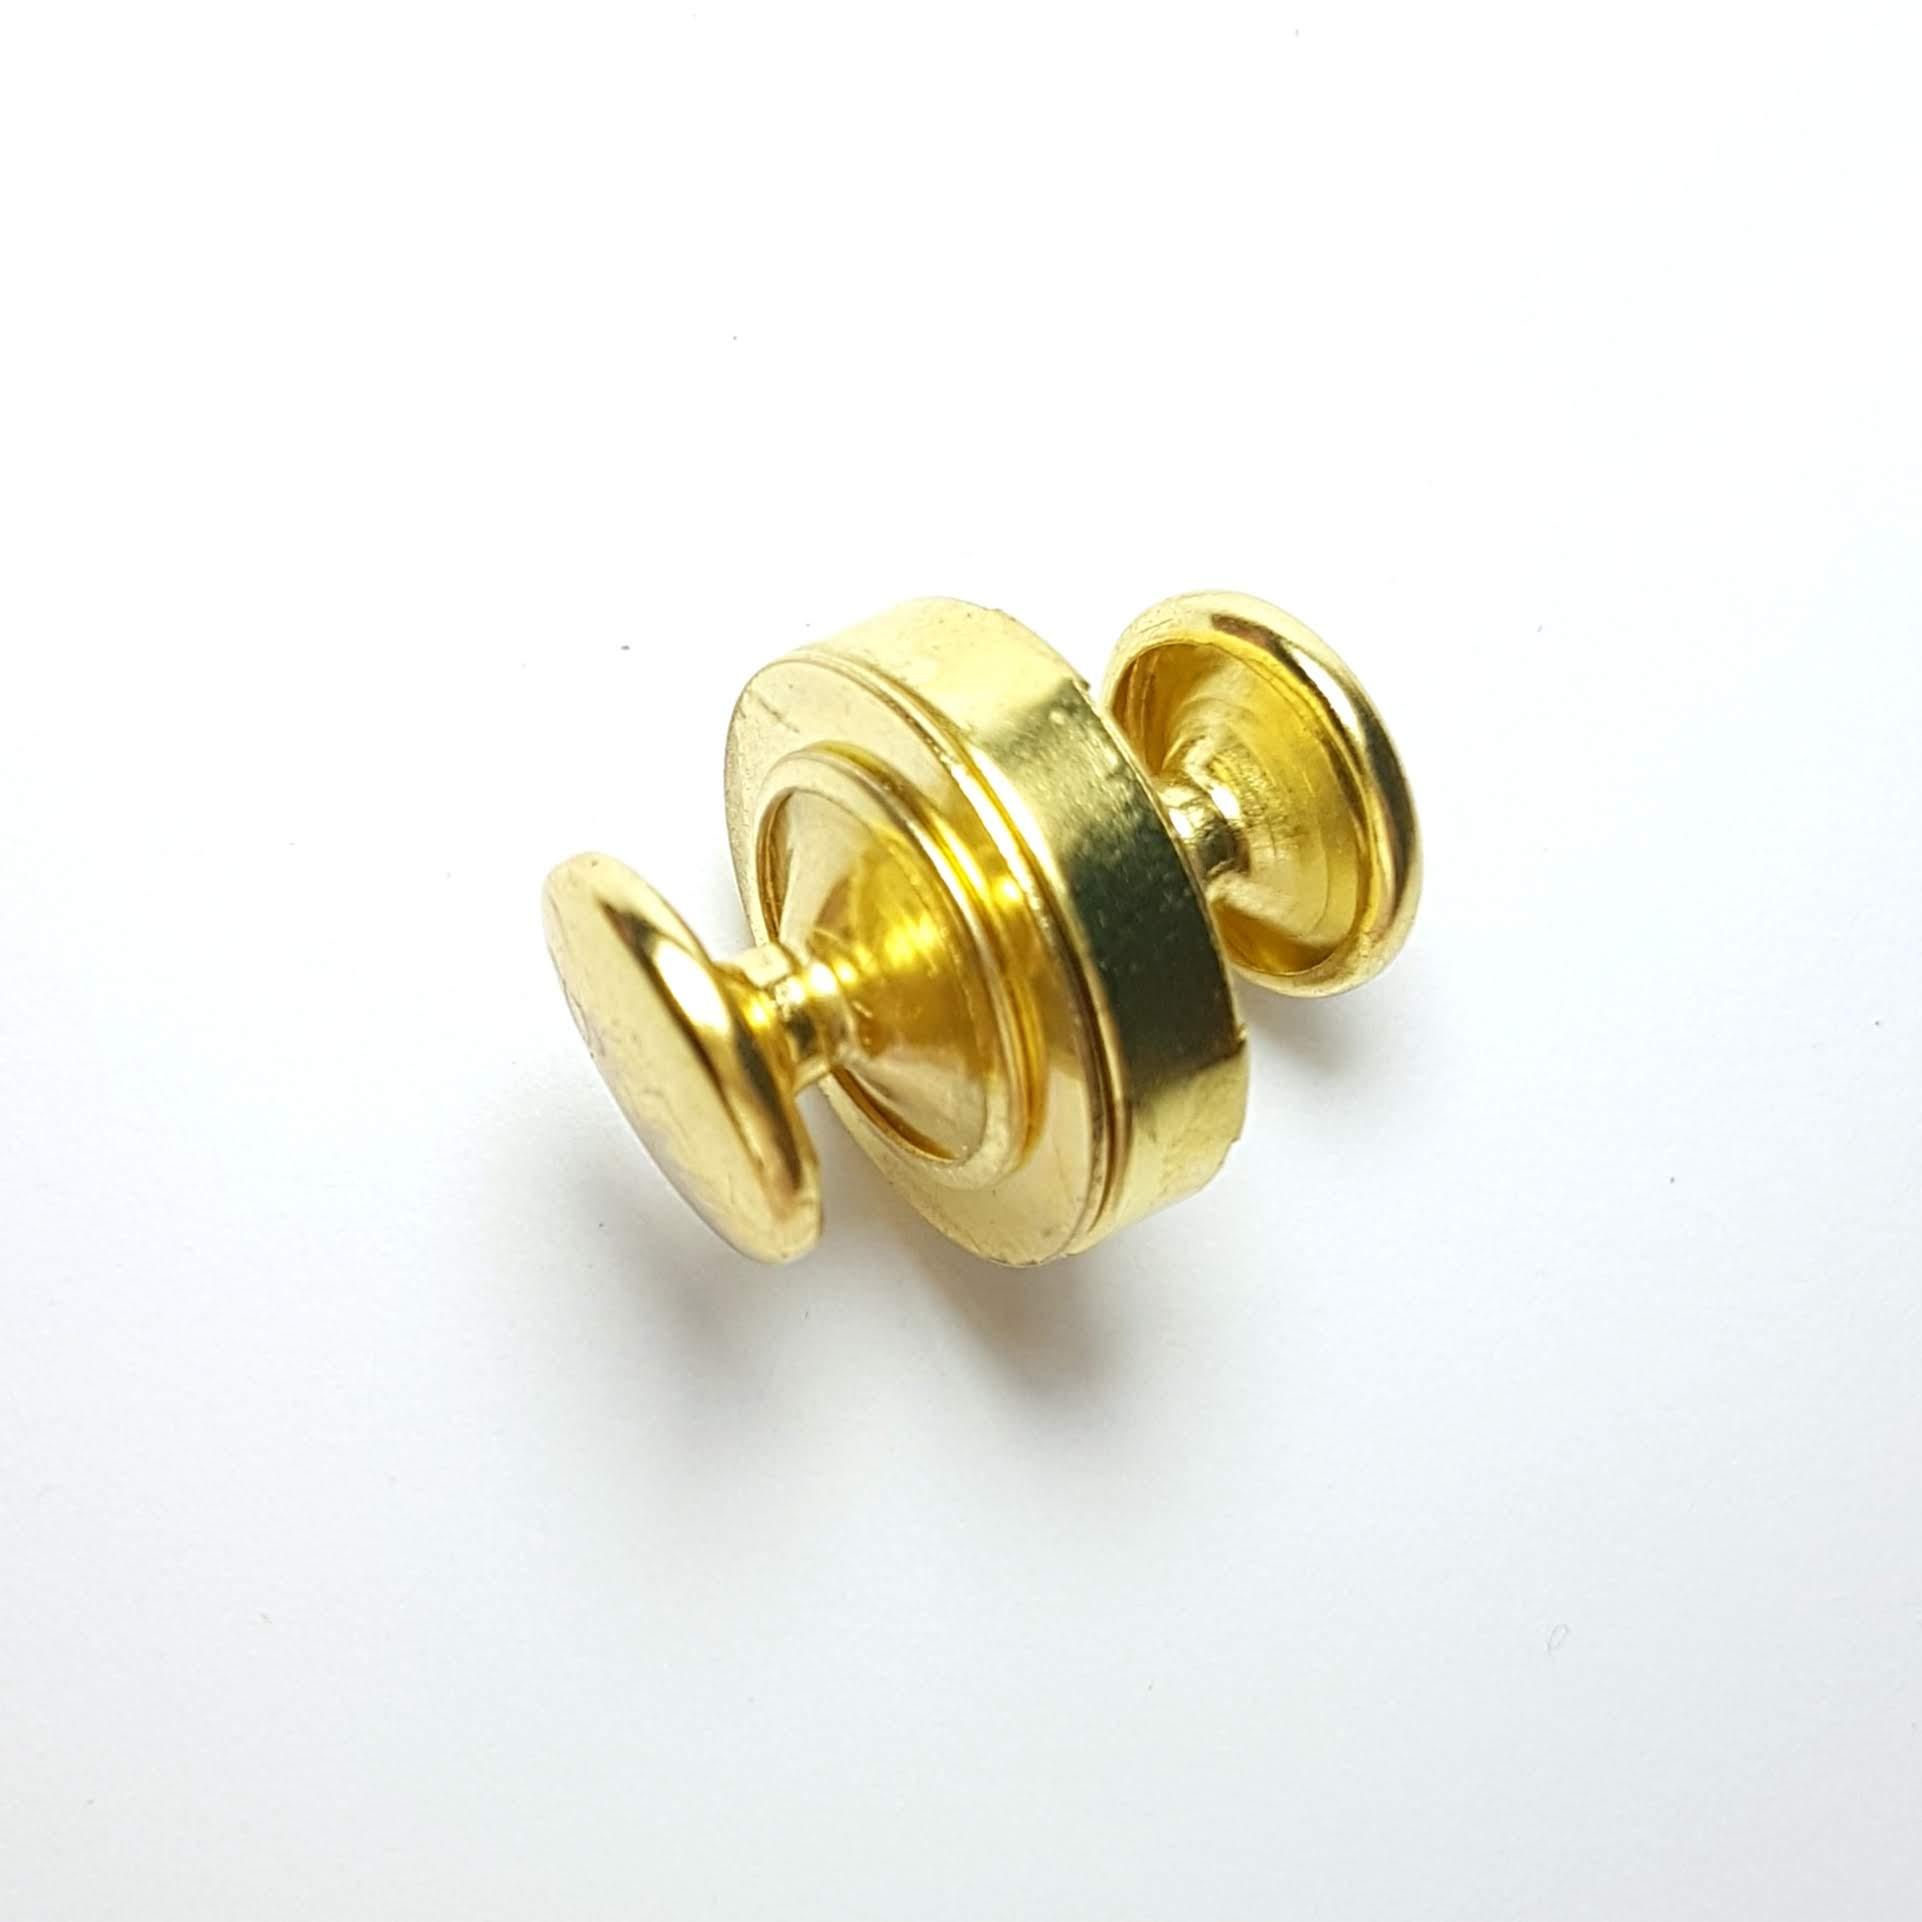 Botão Imantado com Acabamento Duplo 18mm - Dourado